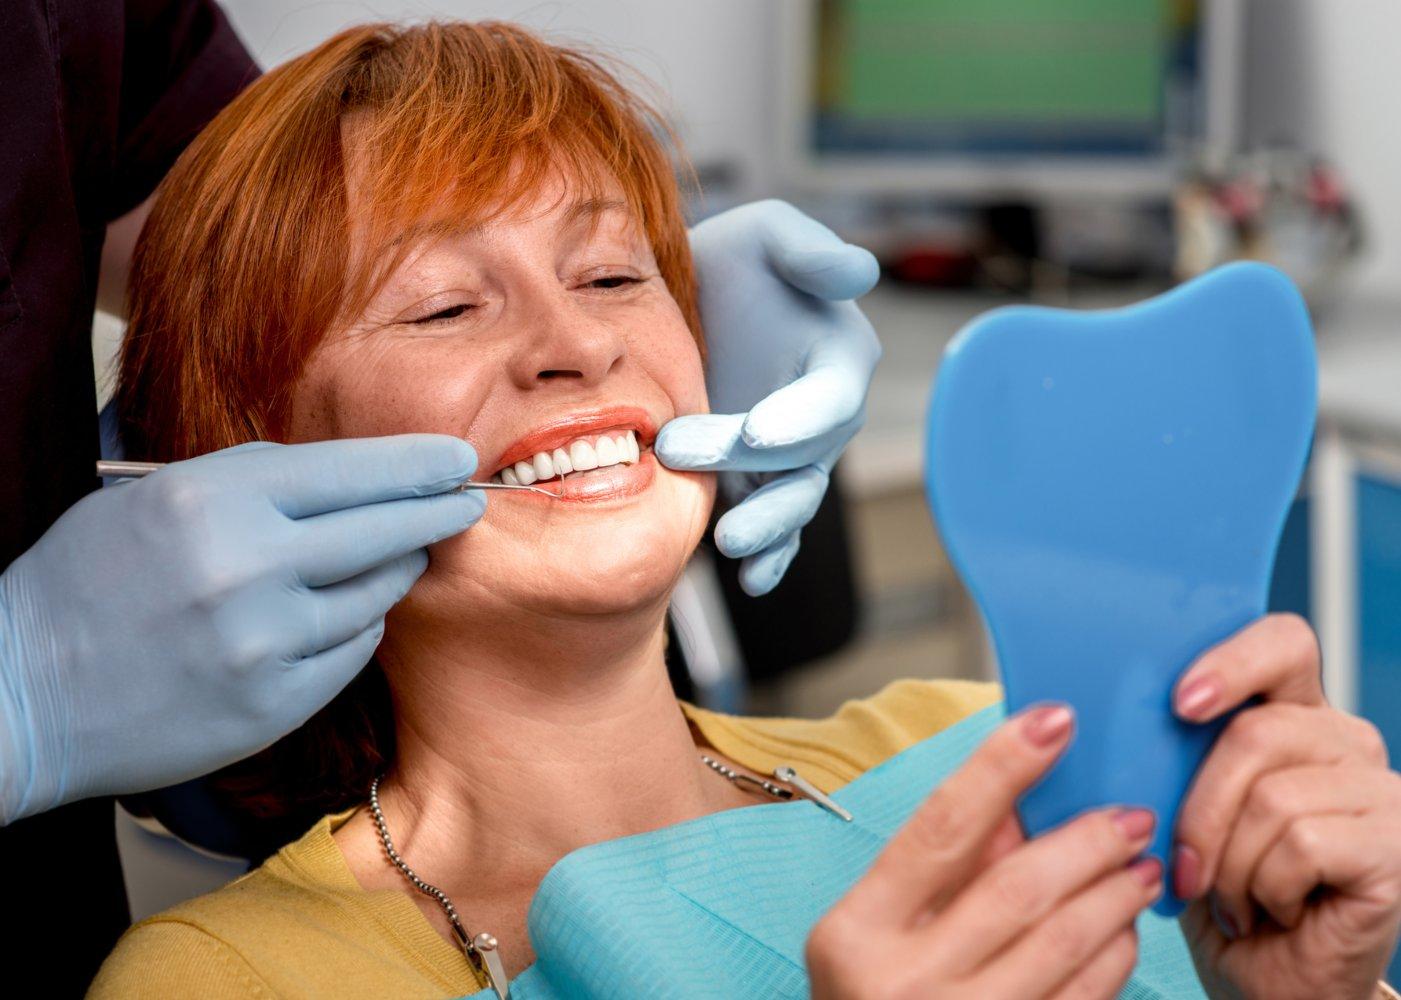 mulher no dentista a ver os dentes num espelho